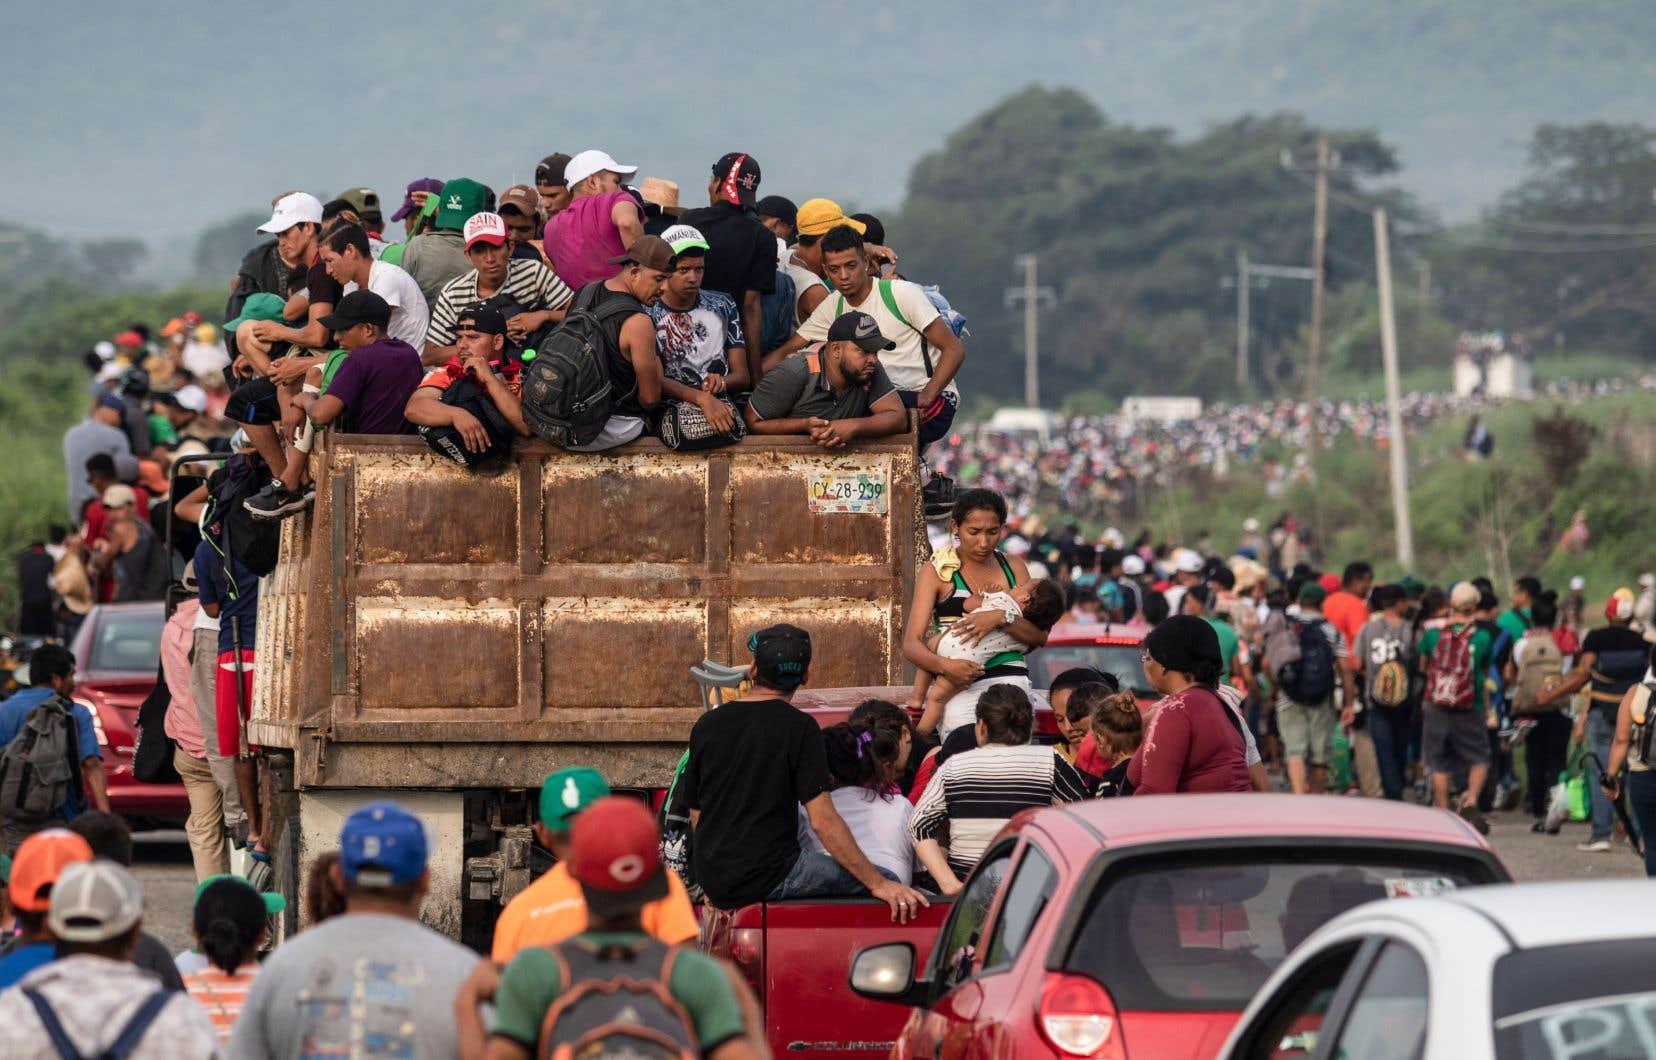 Les milliers de migrants, qui se dirigent vers Tapanatepec dans l'État de Oaxaca, ont été bloqués samedi matin par un barrage policier dans la localité de Las Arenas, à environ 25km de leur destination.